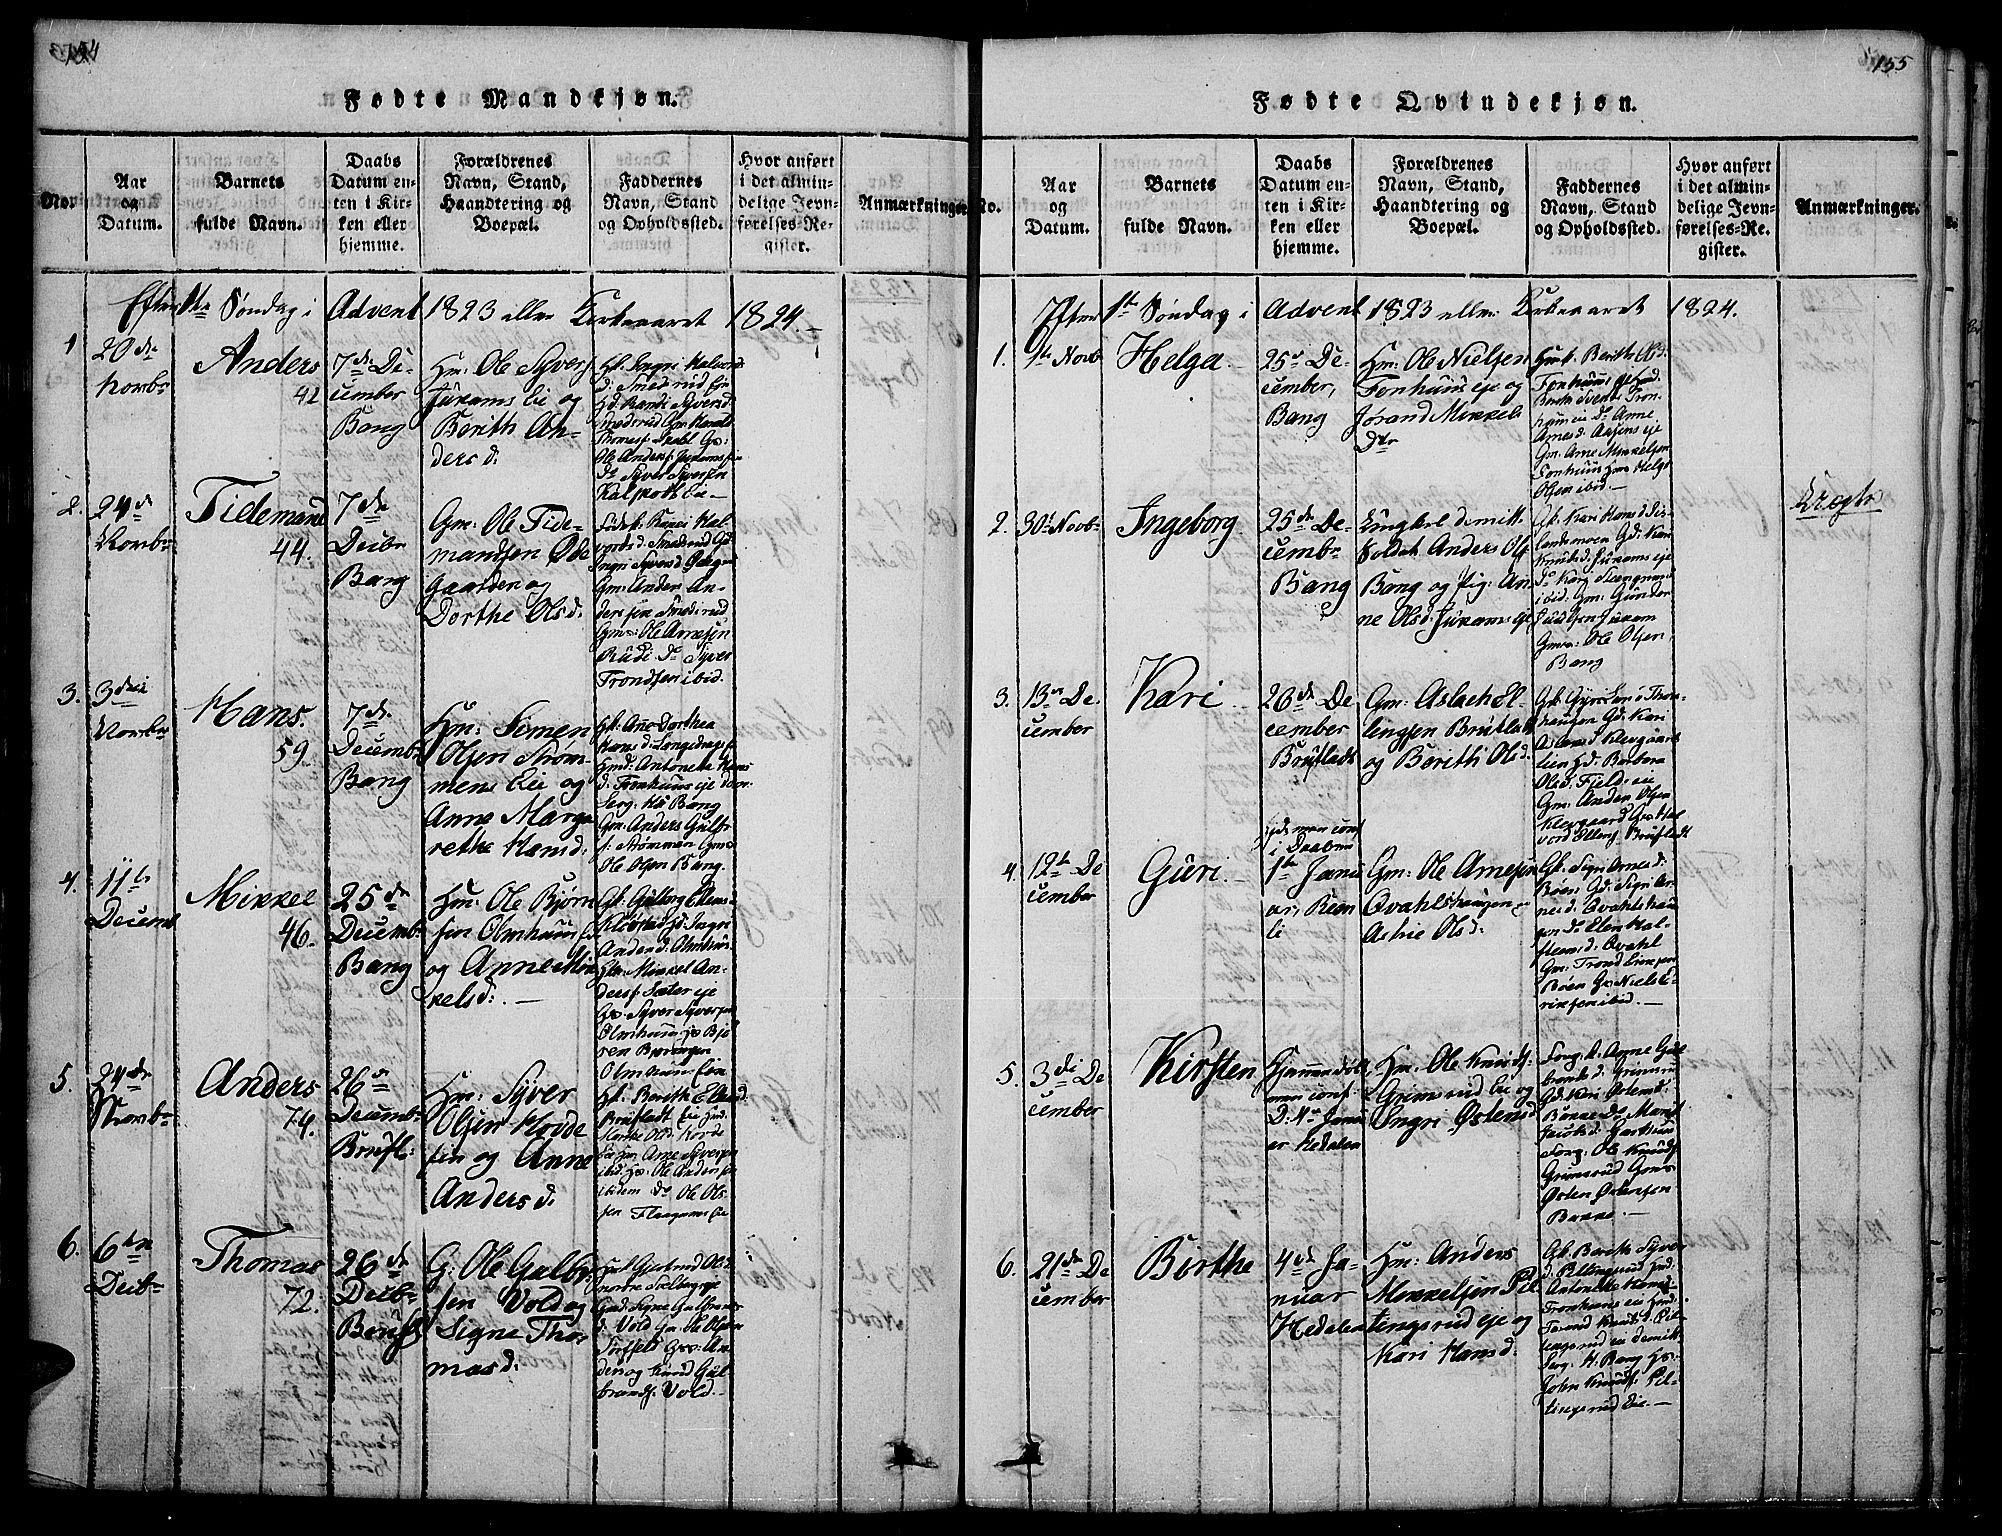 SAH, Sør-Aurdal prestekontor, Klokkerbok nr. 1, 1815-1826, s. 154-155